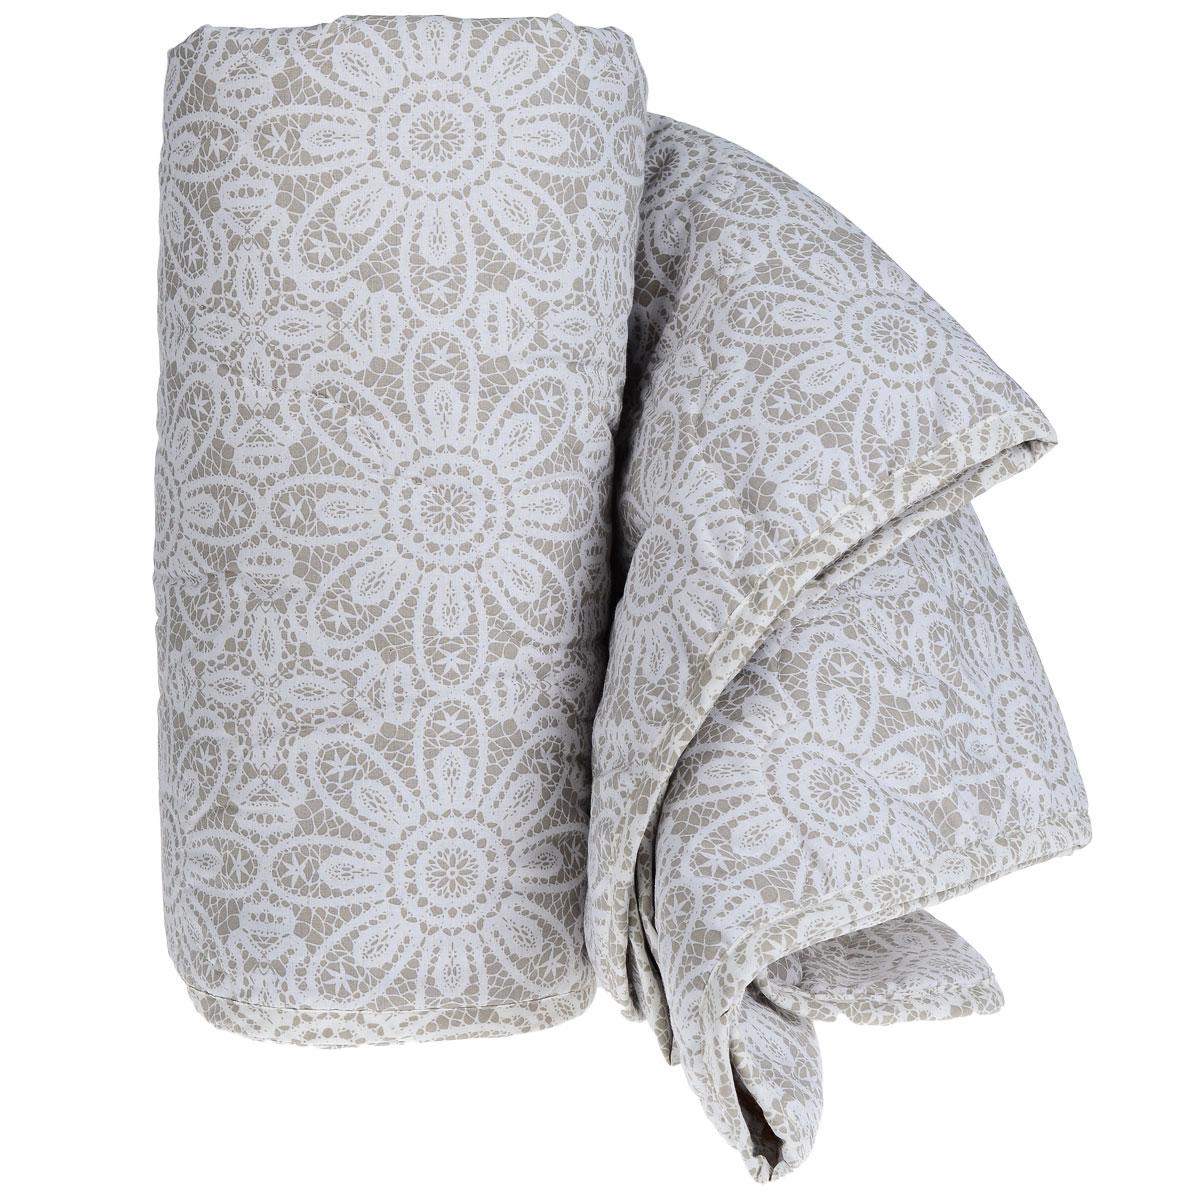 """Летнее одеяло """"Green Line"""" подарит незабываемое чувство комфорта и уюта во время сна. Верх выполнен из ранфорса (100% хлопок) с красивым рисунком, напоминающим кружево. Внутри - наполнитель из льняного волокна. Это экологически чистый натуральный материал, который позаботится о вашем здоровье и подарит комфортный сон.  Лен обладает уникальными свойствами: он холодит в жару и согревает в холод, он полезен для здоровья, так как является природным антисептиком. Благодаря пористой структуре, ткань дышит и создается эффект """"активного дыхания"""". Стежка и кант по краю не позволяют наполнителю скатываться и равномерно удерживают его внутри.  Одеяло легкое и тонкое - оно идеально подойдет для лета, под ним будет прохладно и комфортно спать в жару.  Рекомендации по уходу:  - запрещается стирка в стиральной машине и вручную,  - не отбеливать,  - нельзя отжимать и сушить в стиральной машине,  - не гладить,  - химчистка с мягкими растворителями,  - сушить вертикально.   Материал чехла: ранфорс (100% хлопок). Наполнитель: лен (натуральное волокно 90%, полиэстер 10%).  Размер: 200 см х 220 см. Масса наполнителя: 150 г/м2."""